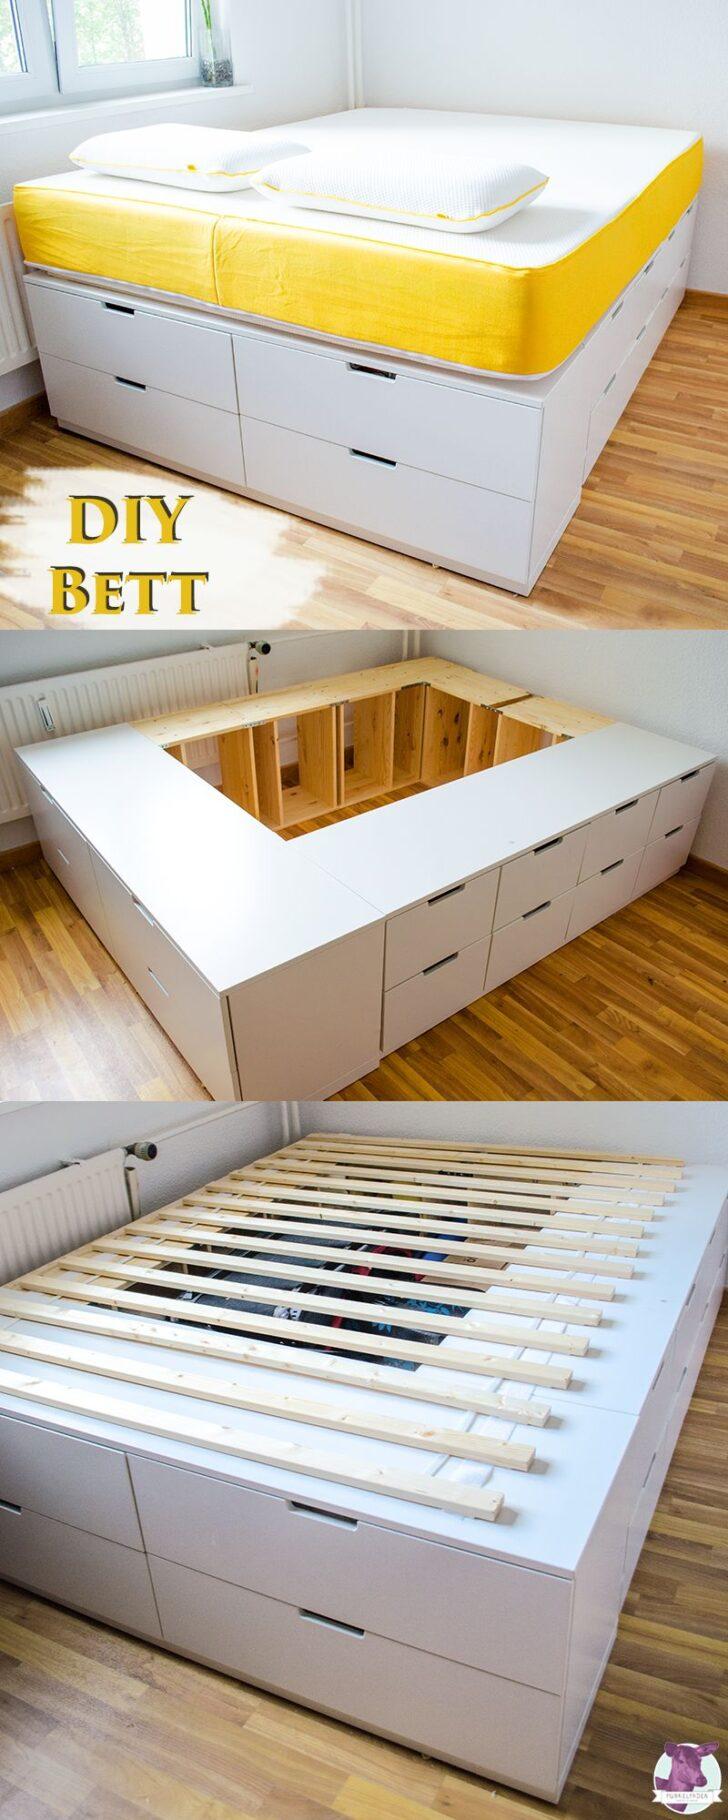 Bett Auf Schrank Selber Bauen 140x200 Ikea Zuhause Somnus Betten Badezimmer Hochschrank Weiß 200x220 Mit Schubladen 160x200 Ausziehbares Apothekerschrank Wohnzimmer Bett Auf Schrank Selber Bauen